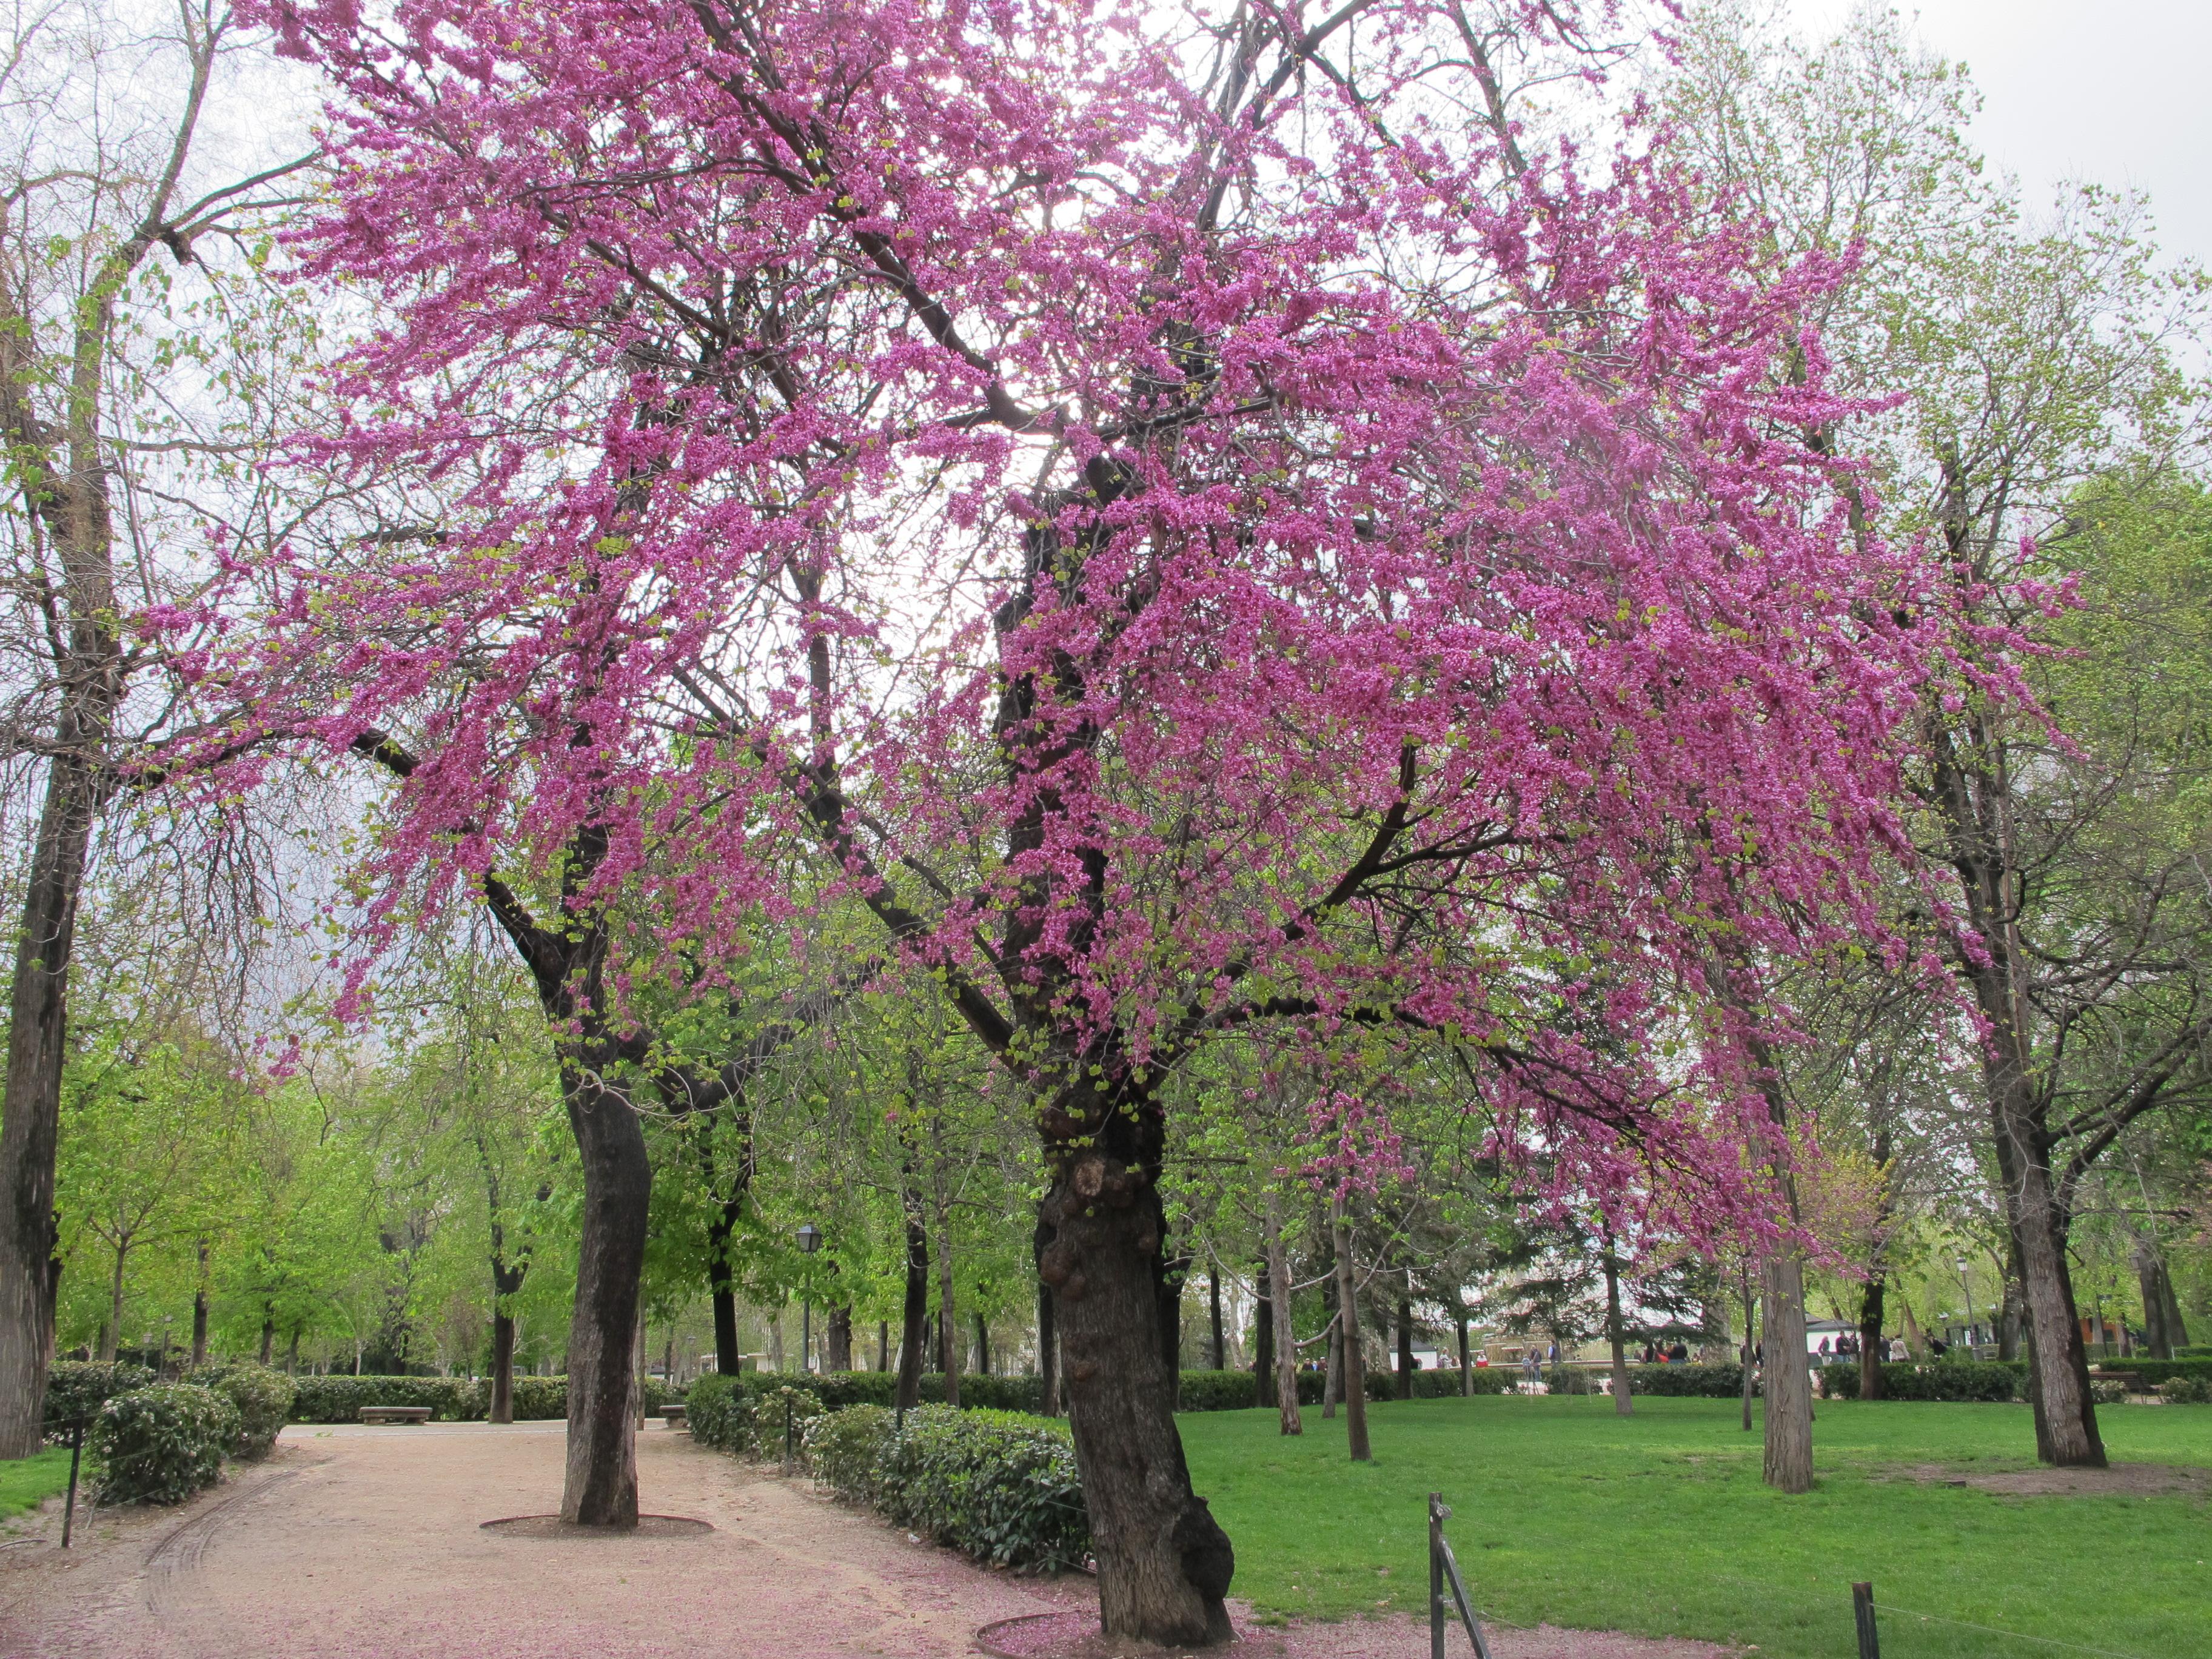 Arbol del amor arbolesdemadrid for El arbol que no tiene hojas